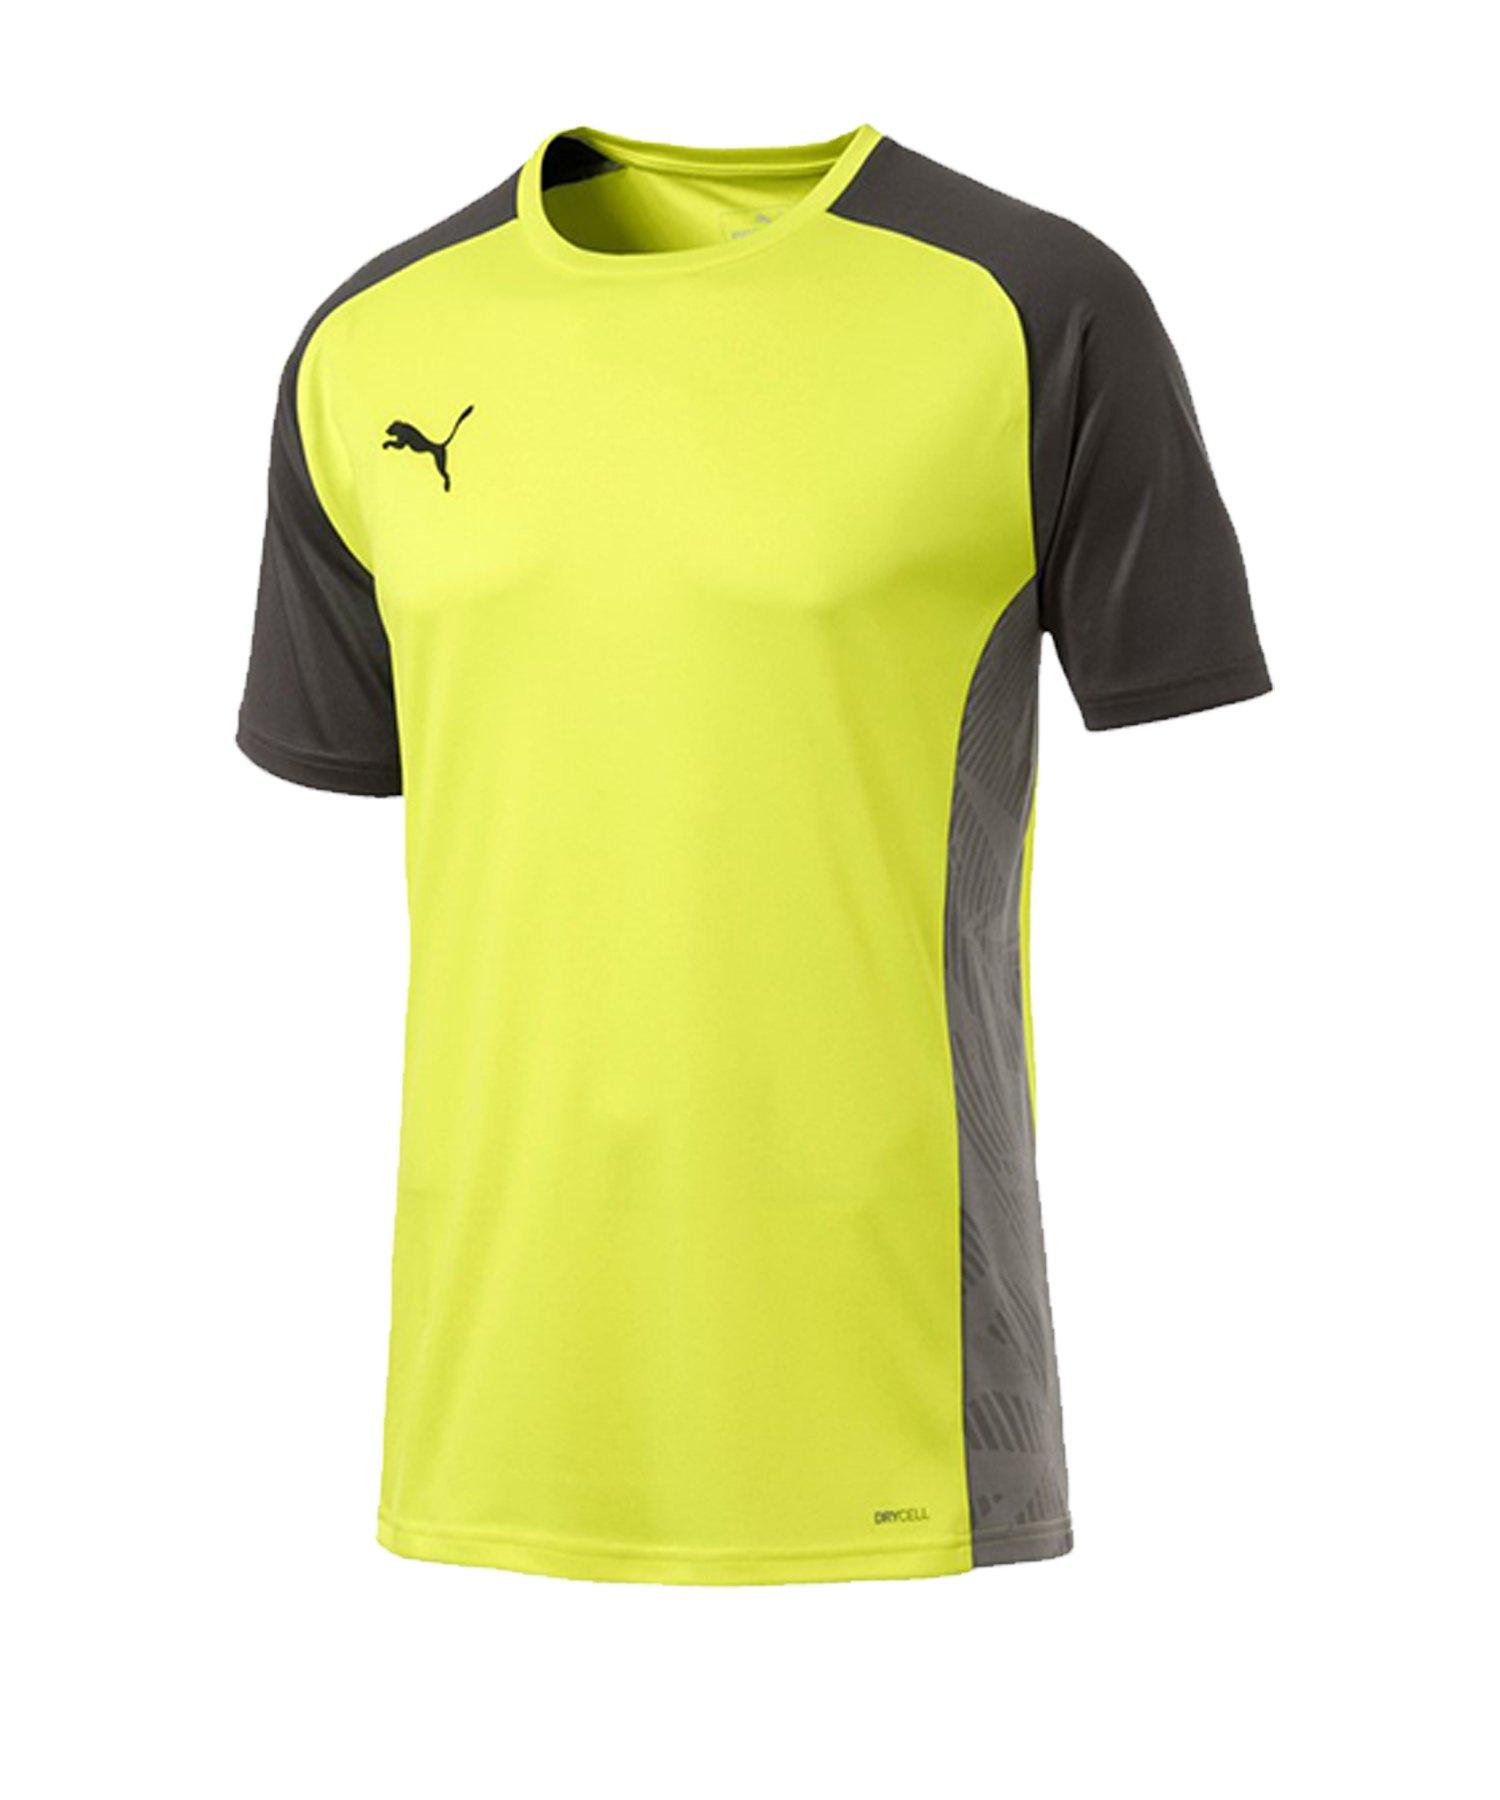 PUMA CUP Sideline Core T-Shirt Gelb F16 - gelb